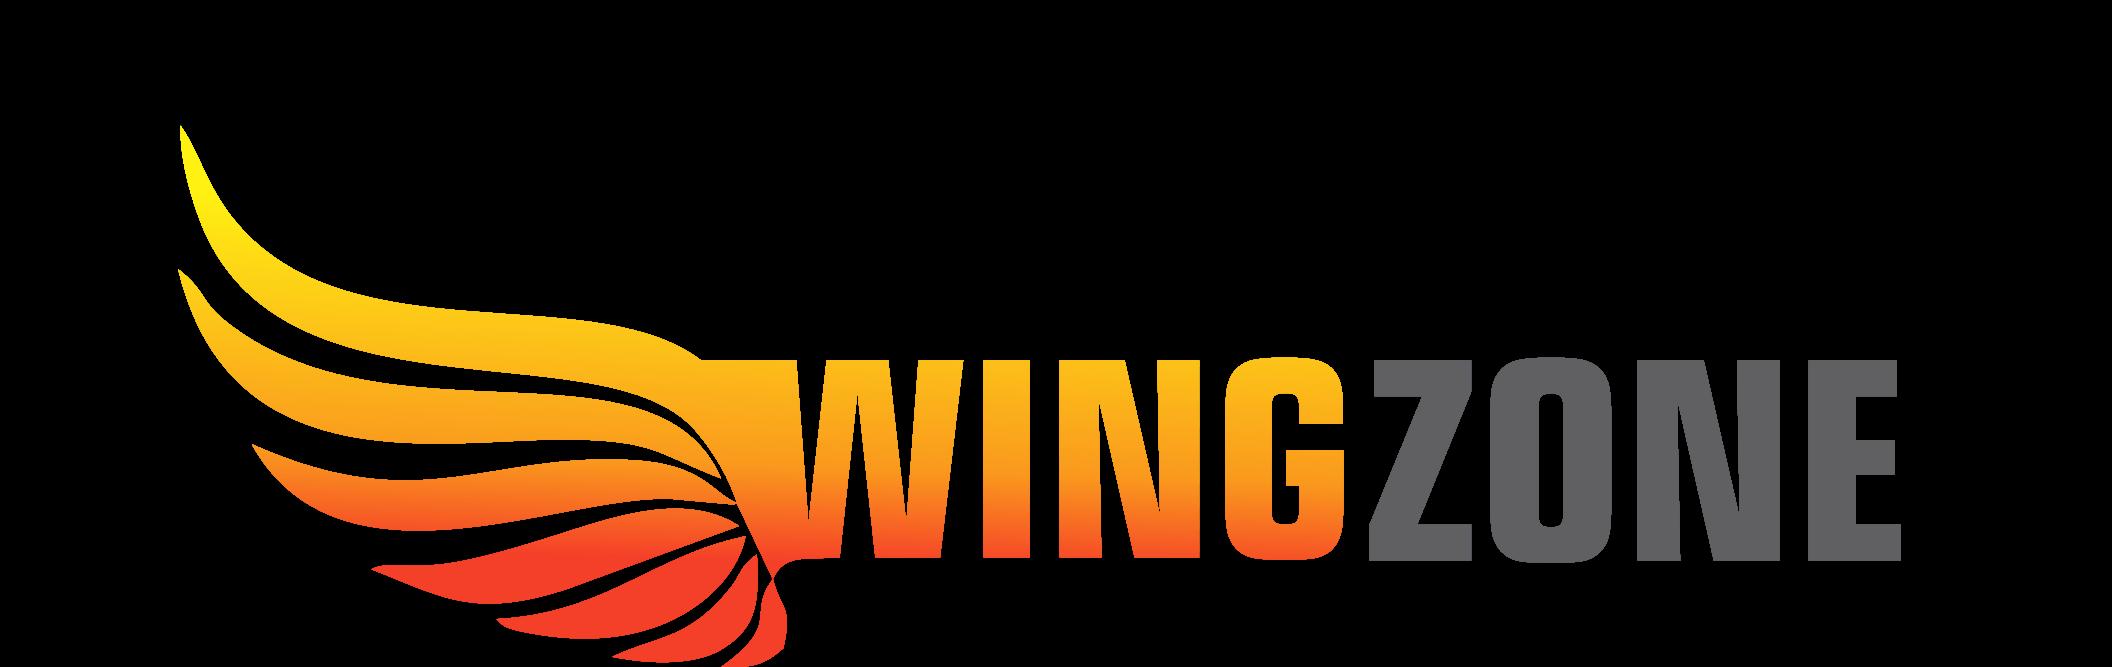 Wings Zone